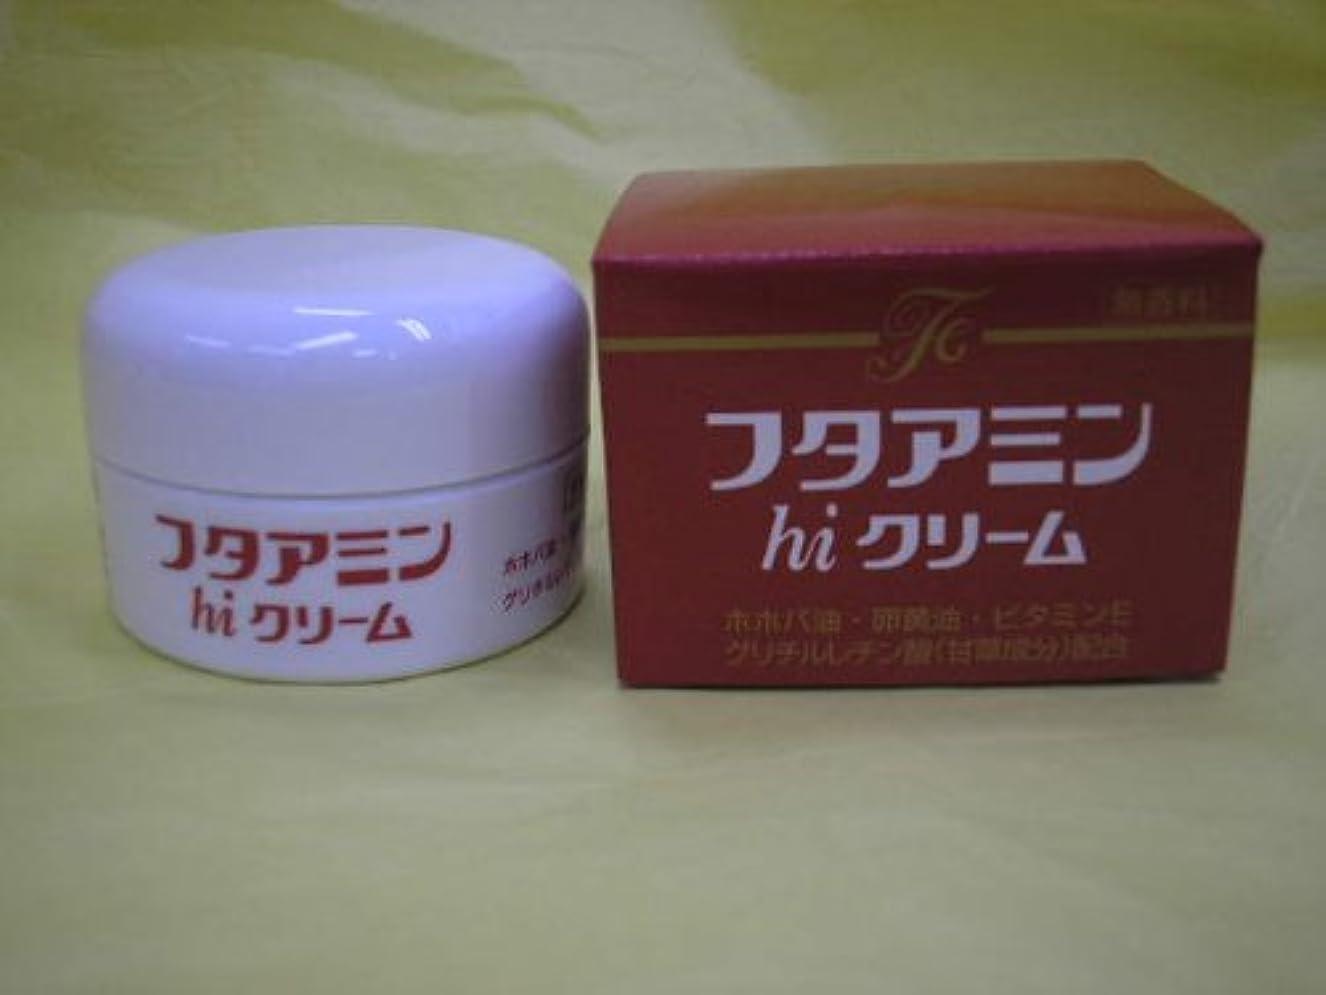 アクションパンツ明るくするフタアミンhiクリーム 55g(無香料)医薬部外品